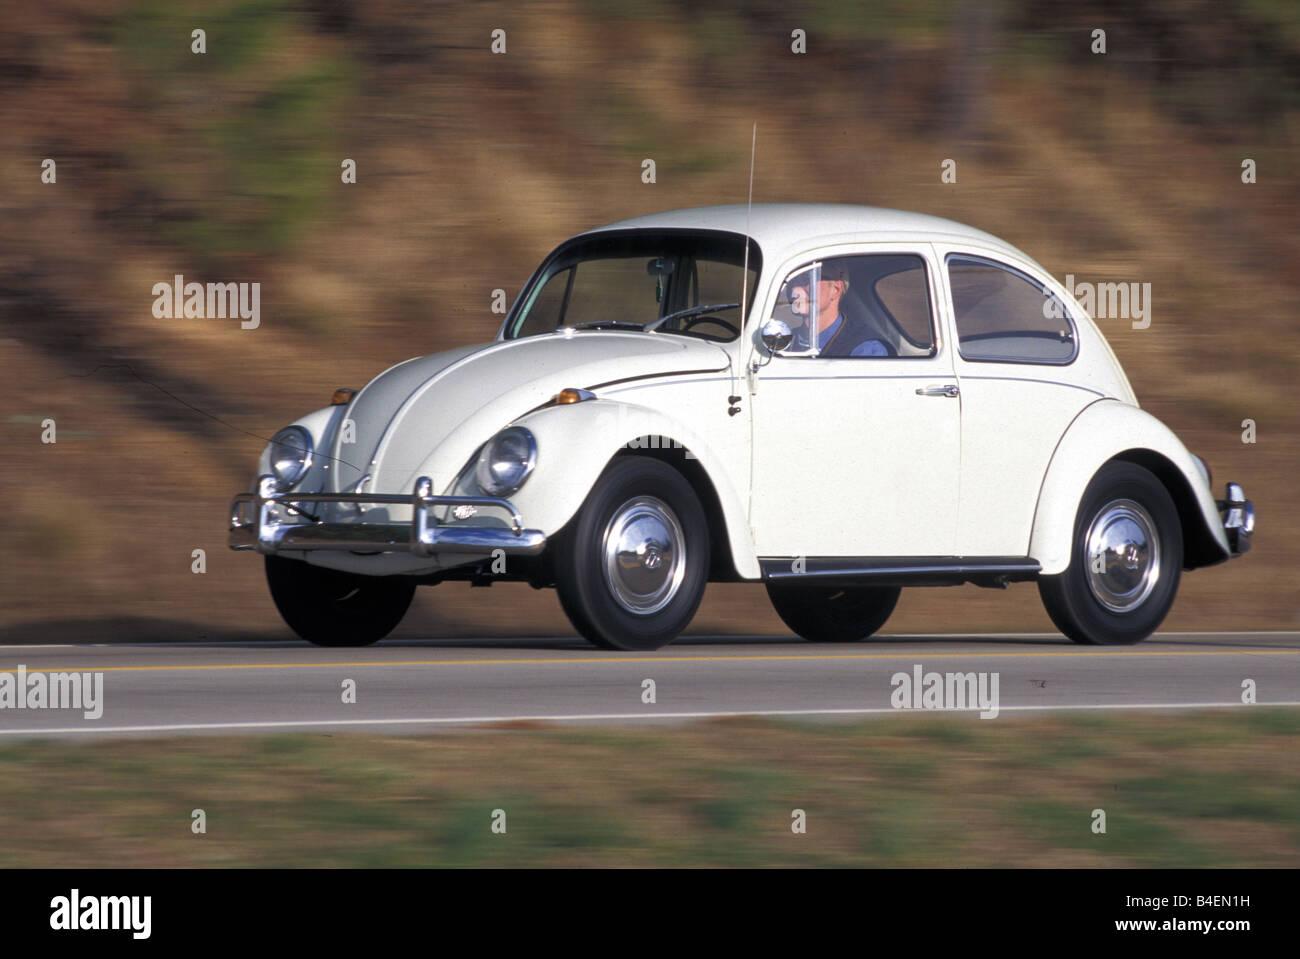 Volkswagen Models 1970s Classic Volkswagen For Sale On